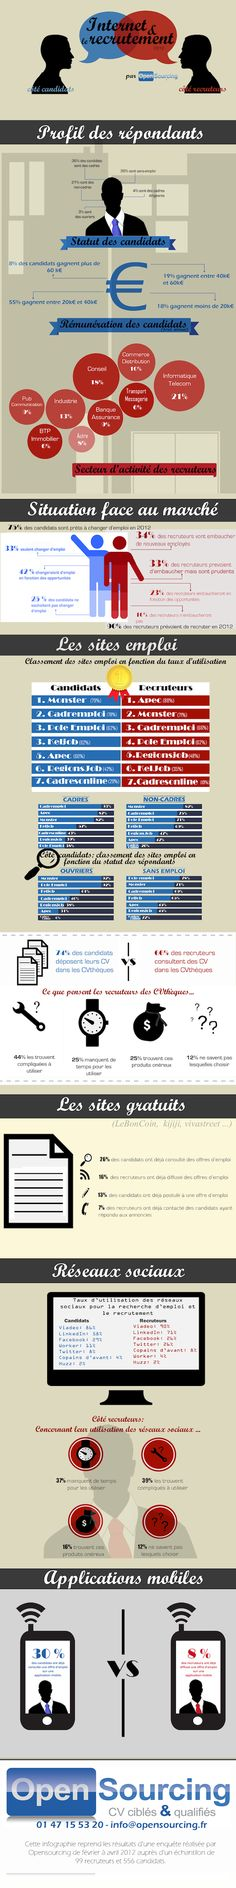 [Infographie] Sites internet, réseaux sociaux, applications mobiles…Panorama du recrutement en ligne